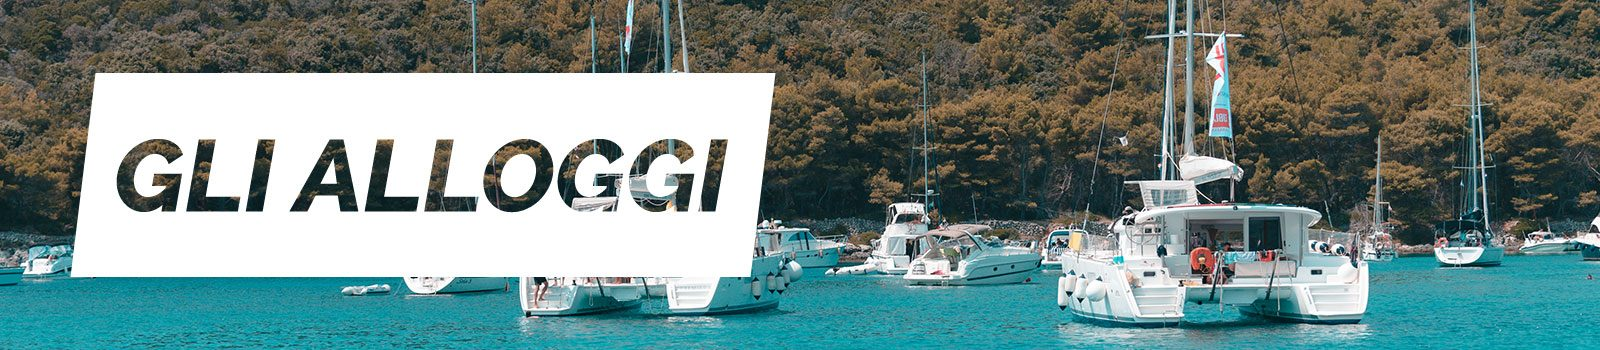 b14-barca-vela-alloggi